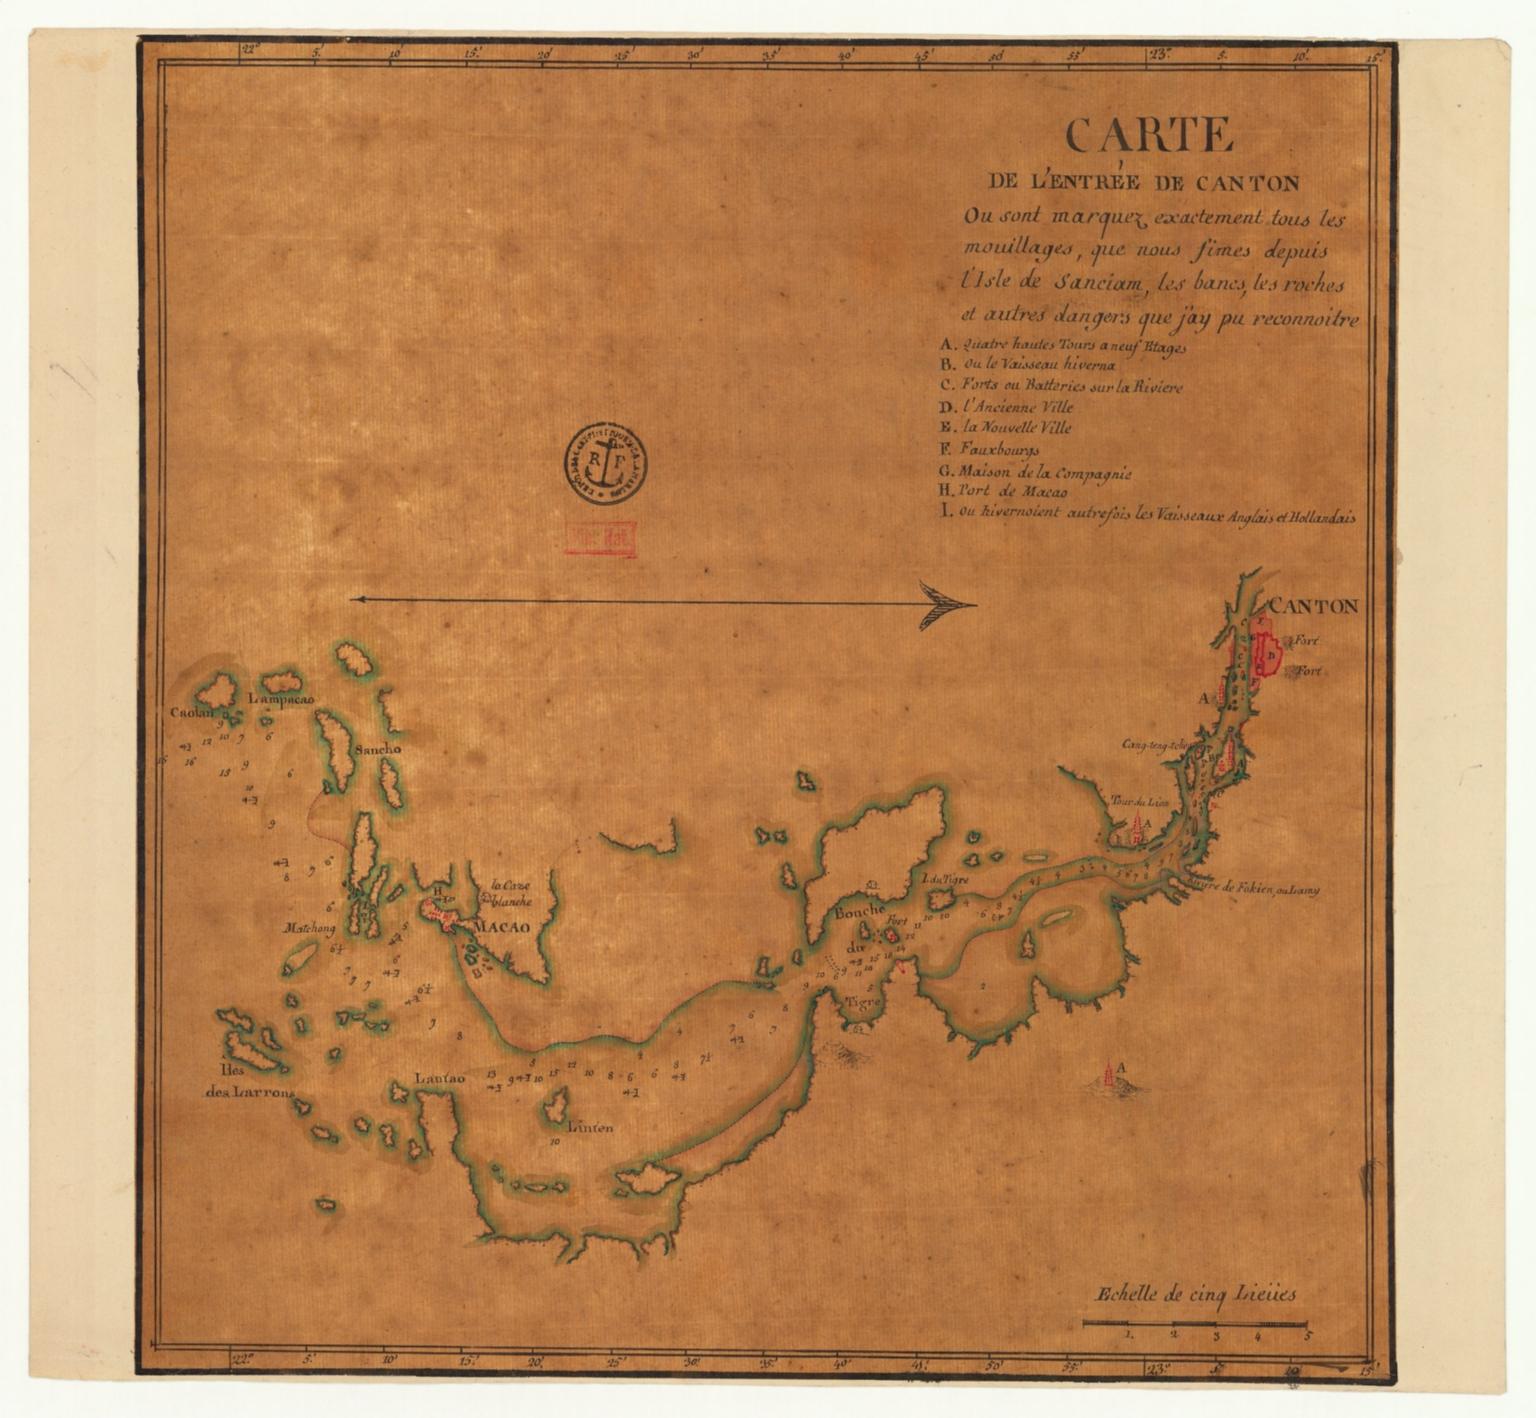 Carte de l'entrée de Canton où sont marquez exactement tous les mouillages, que nous fîmes depuis l'isle de Sanciam, les bancs, les roches et autres dangers que j'ay pu reconnoitre